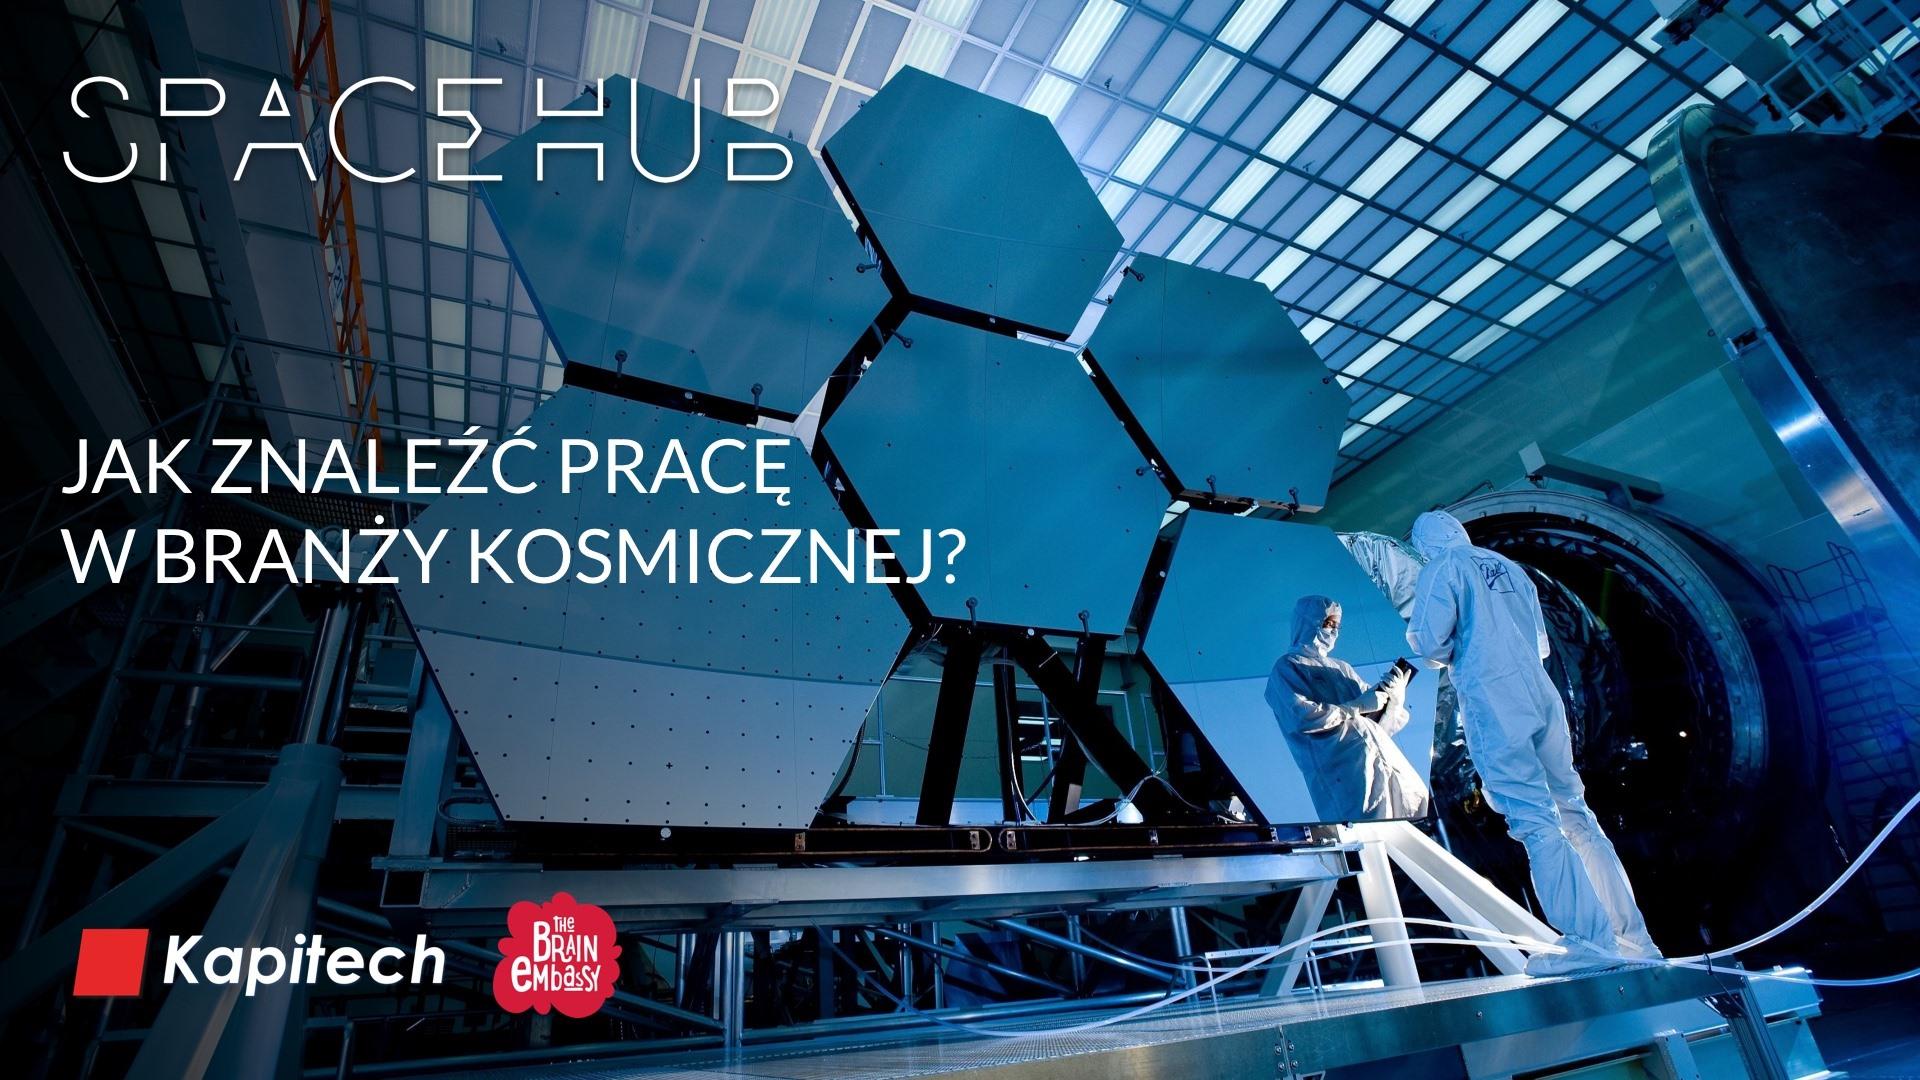 Jak znaleźć pracę w branży kosmicznej? @ Brain Embassy - Postępu 15